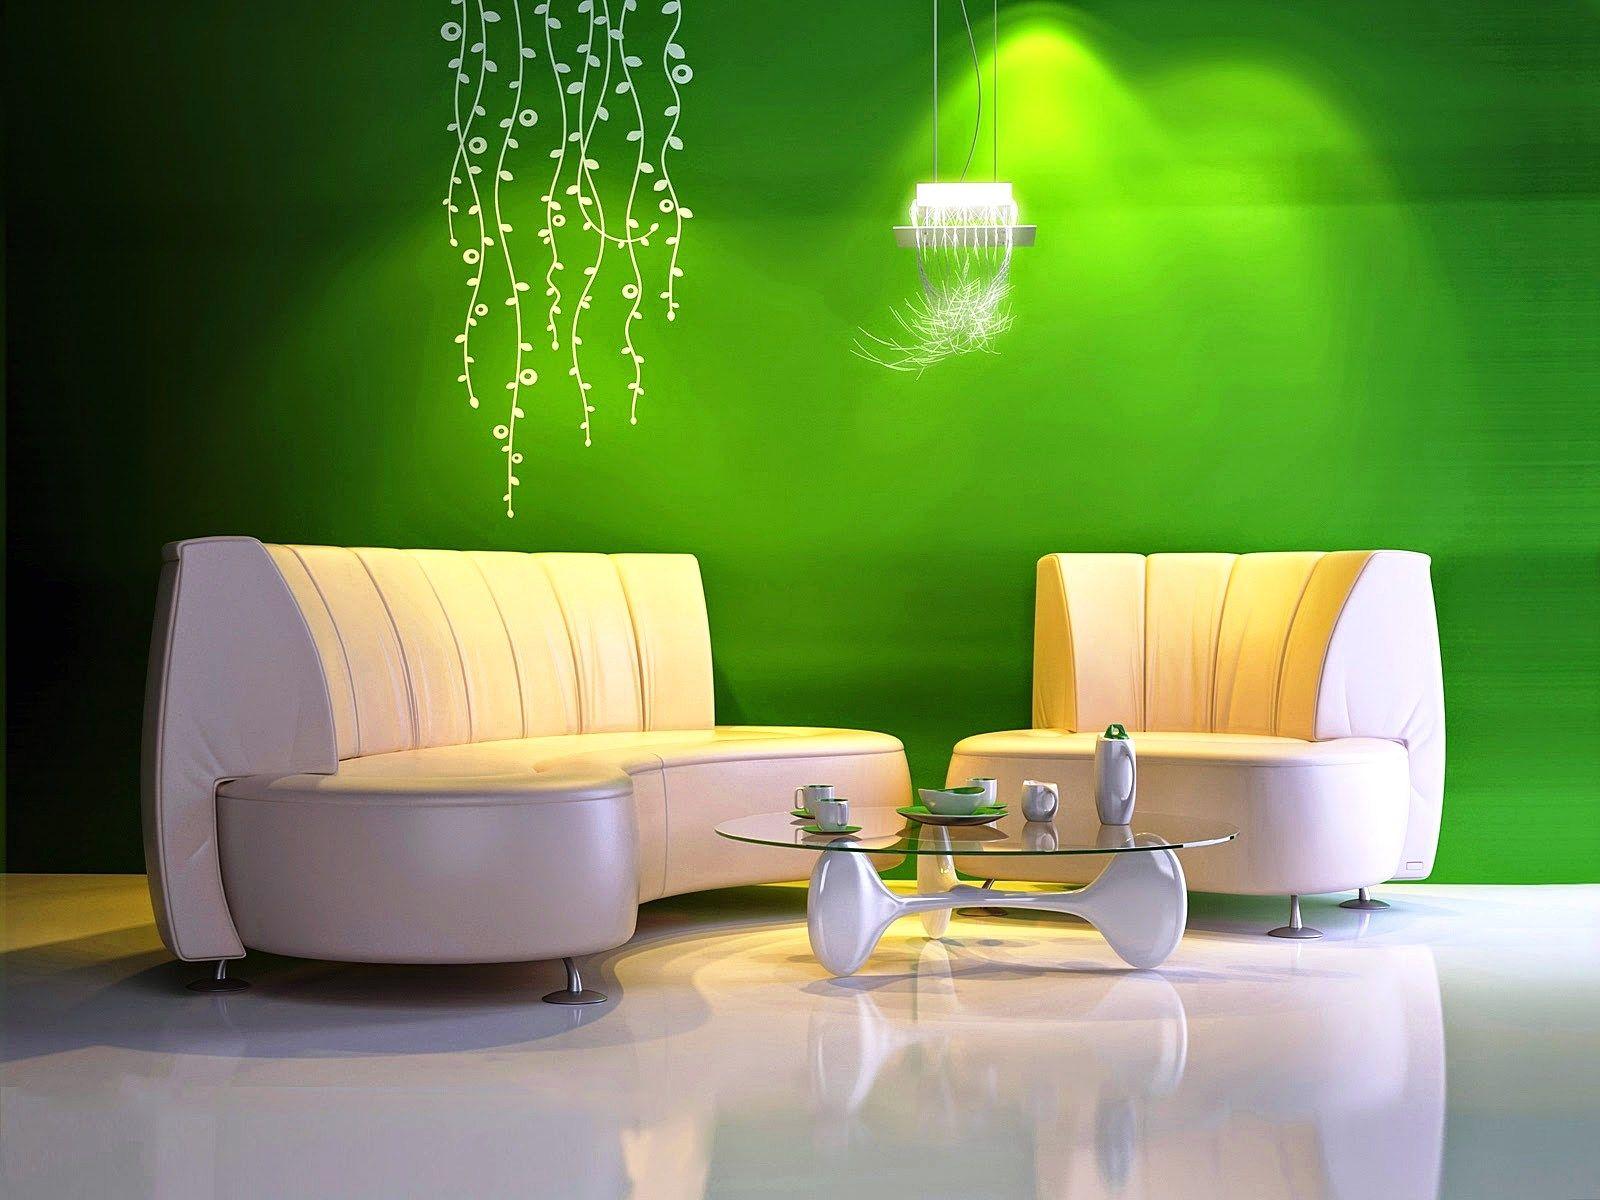 Warna Cat Ruang Tamu Kecil Hijau Ruang Tamu Minimalis Pinterest